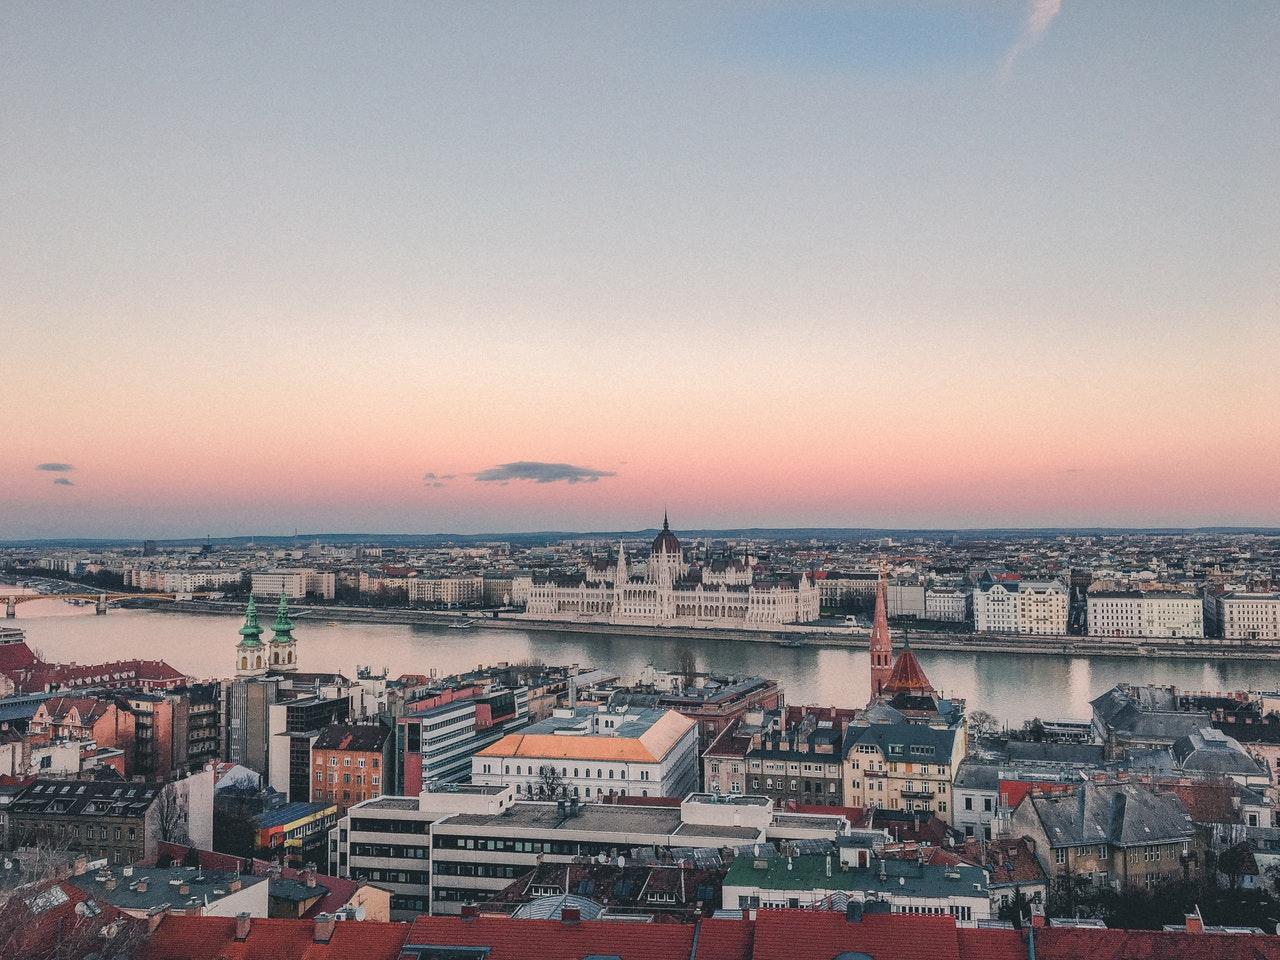 Mi lesz 2020 után? - Csak a belvárosban lesznek új lakások?